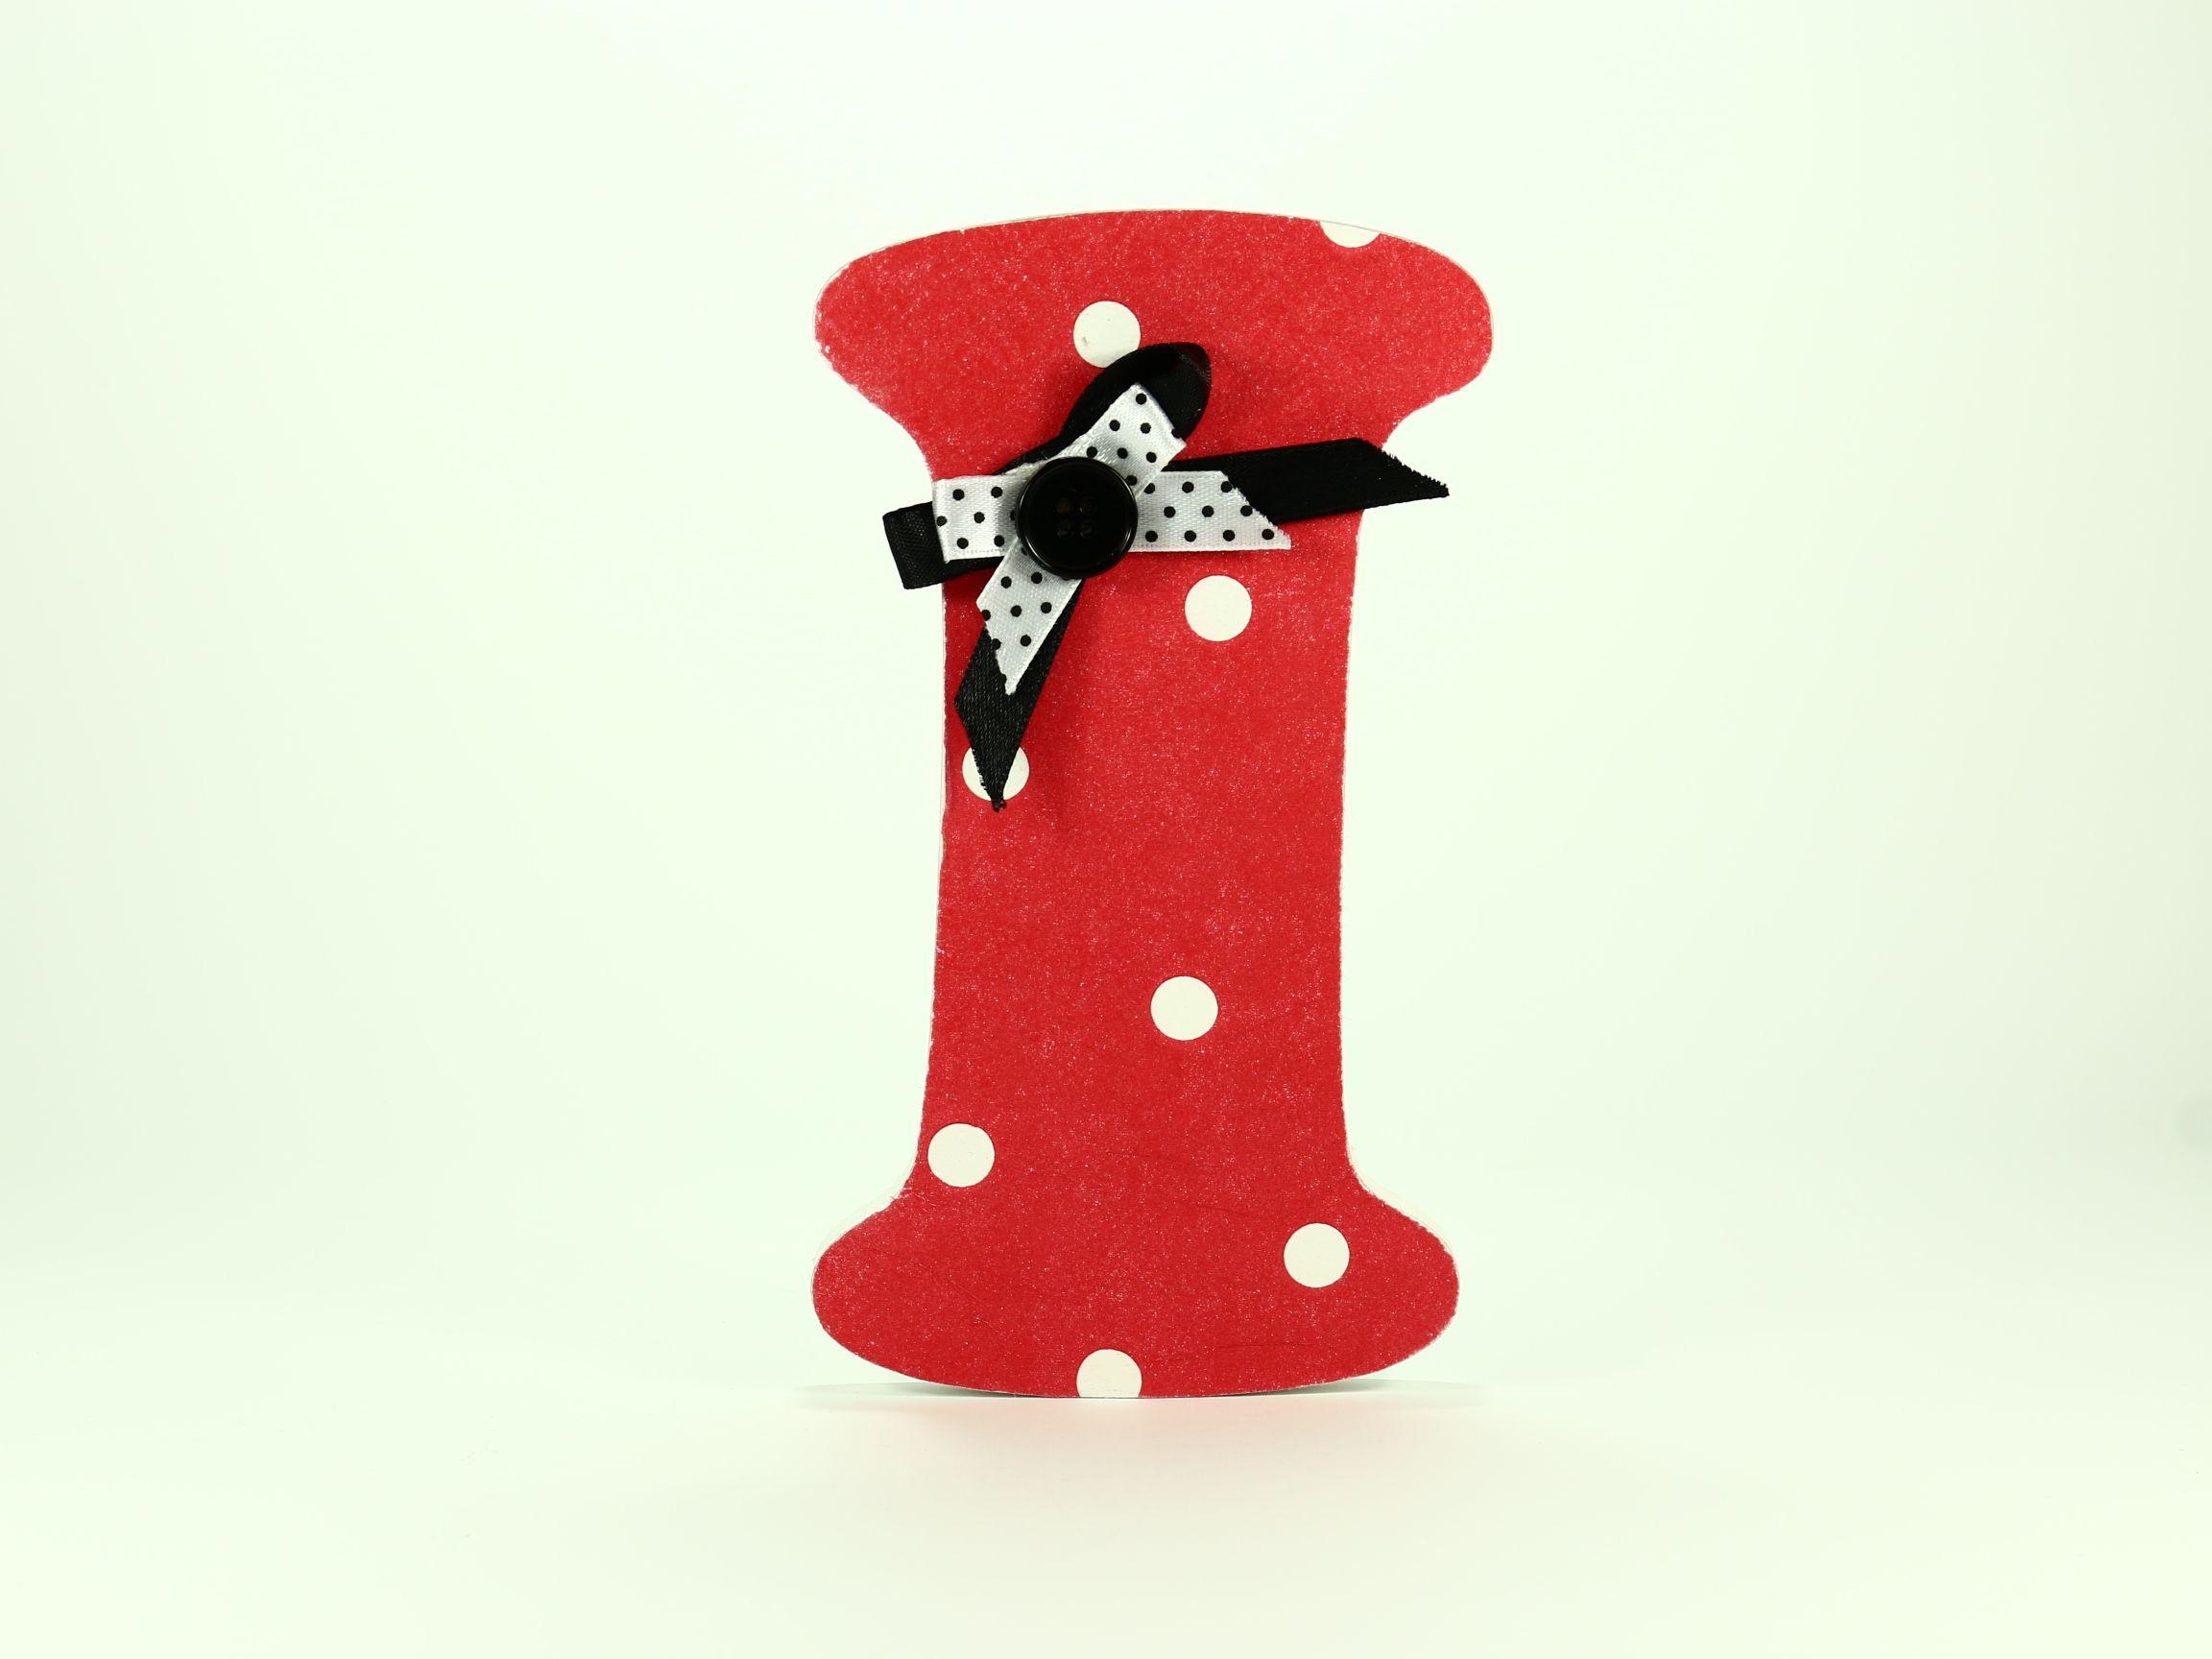 Letras de madera decoradas con lunares y lacito negro y blanco dormitorios infantiles pinterest - Letras decoradas infantiles ...